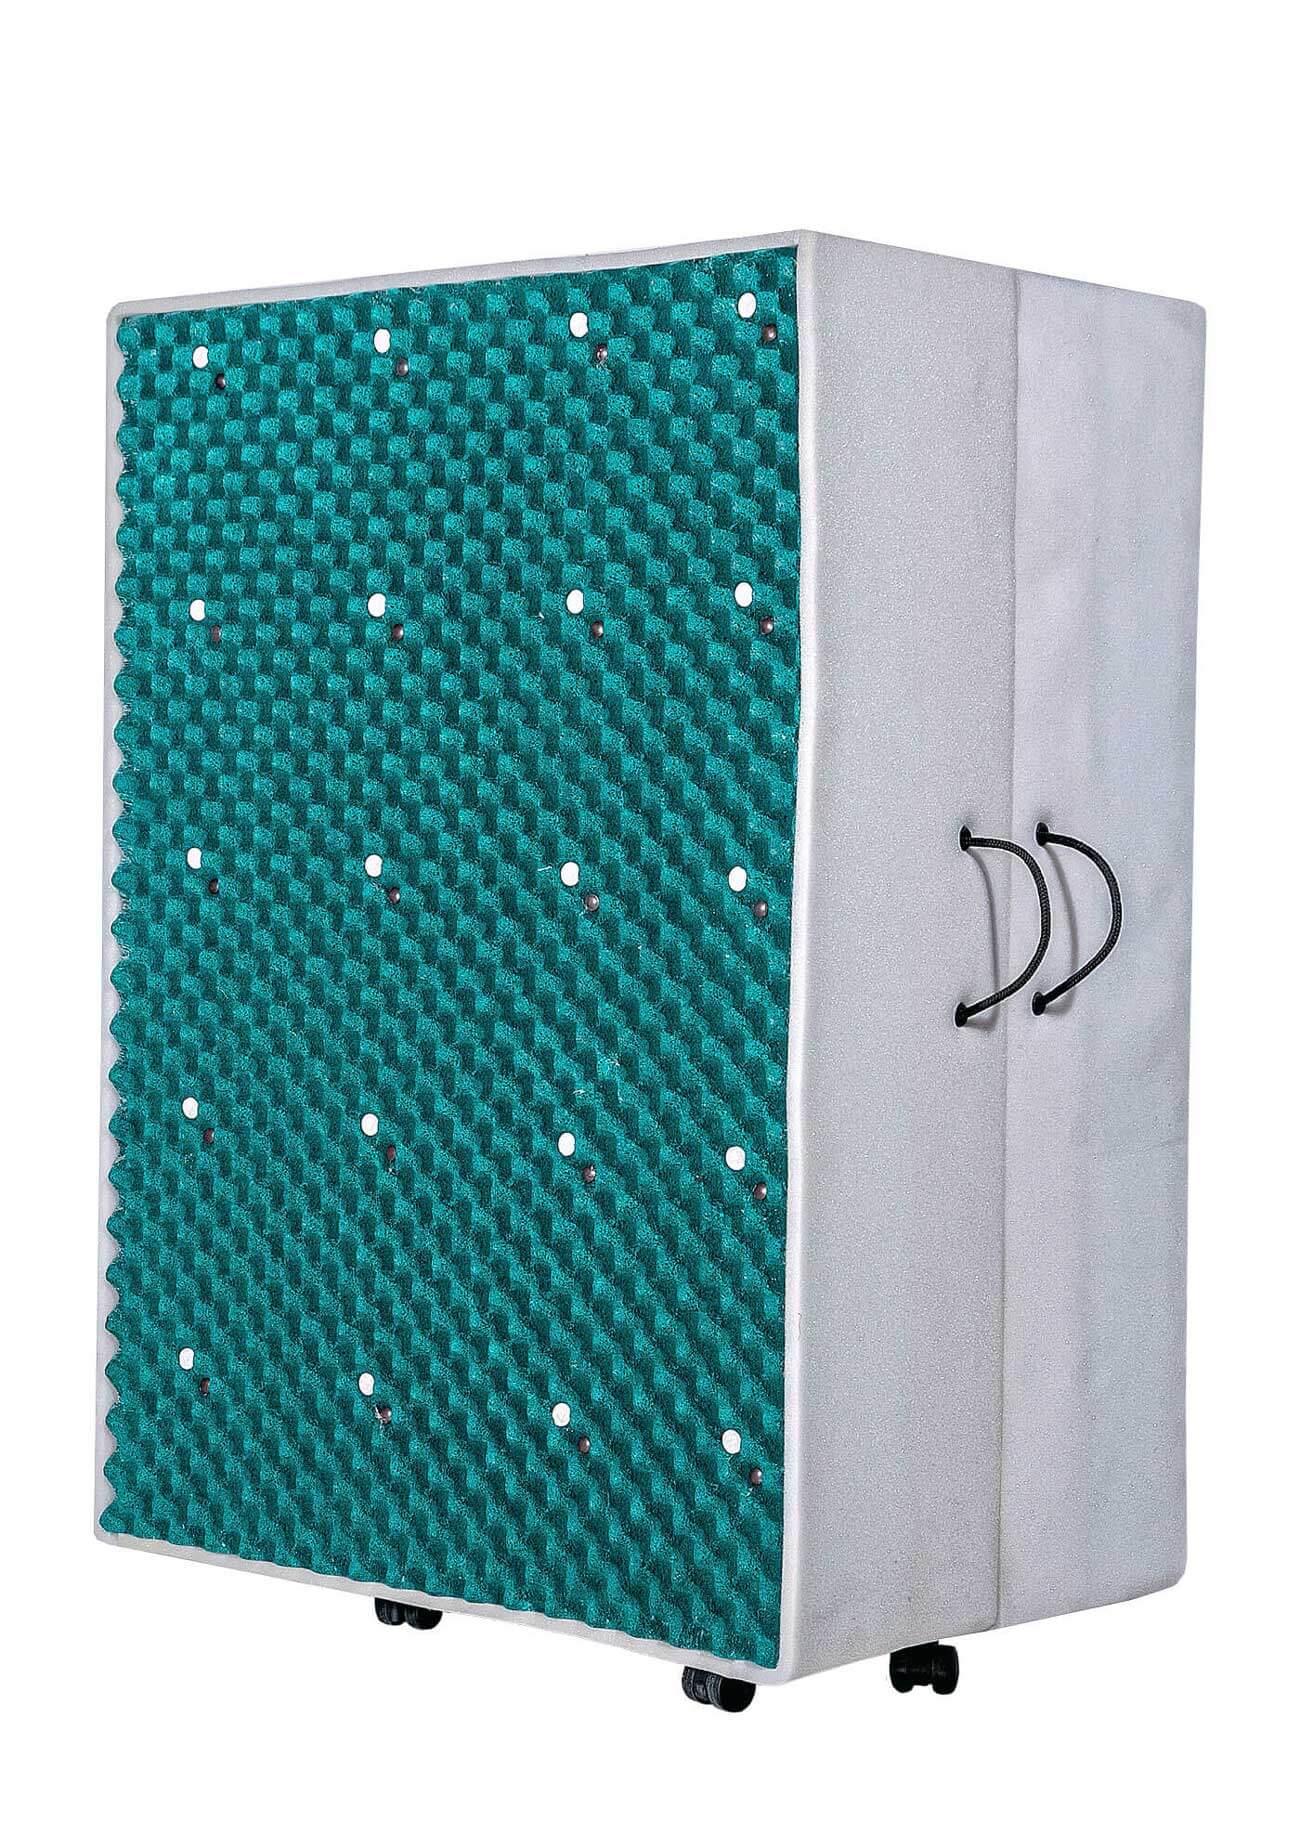 Cama Dobrável, Solteiro MAGNÉTICA, de Abrir com Colchão Embutido 70cm x 190cm Kenko Premium  - Kenko Premium Colchões